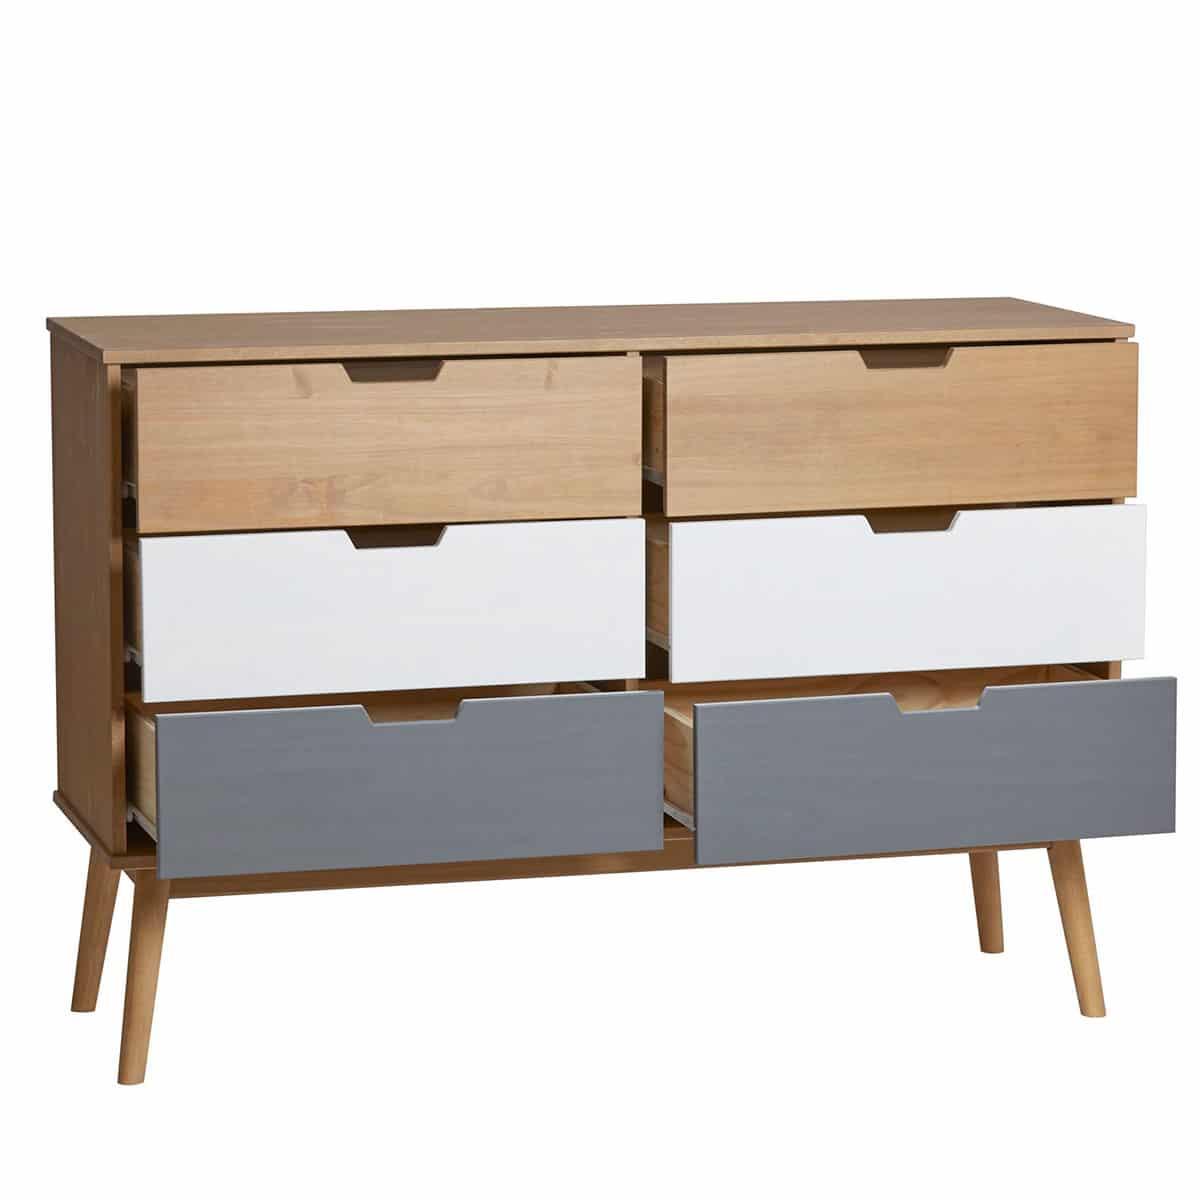 Comoda gris blanco pino - Artikalia - Muebles de diseño